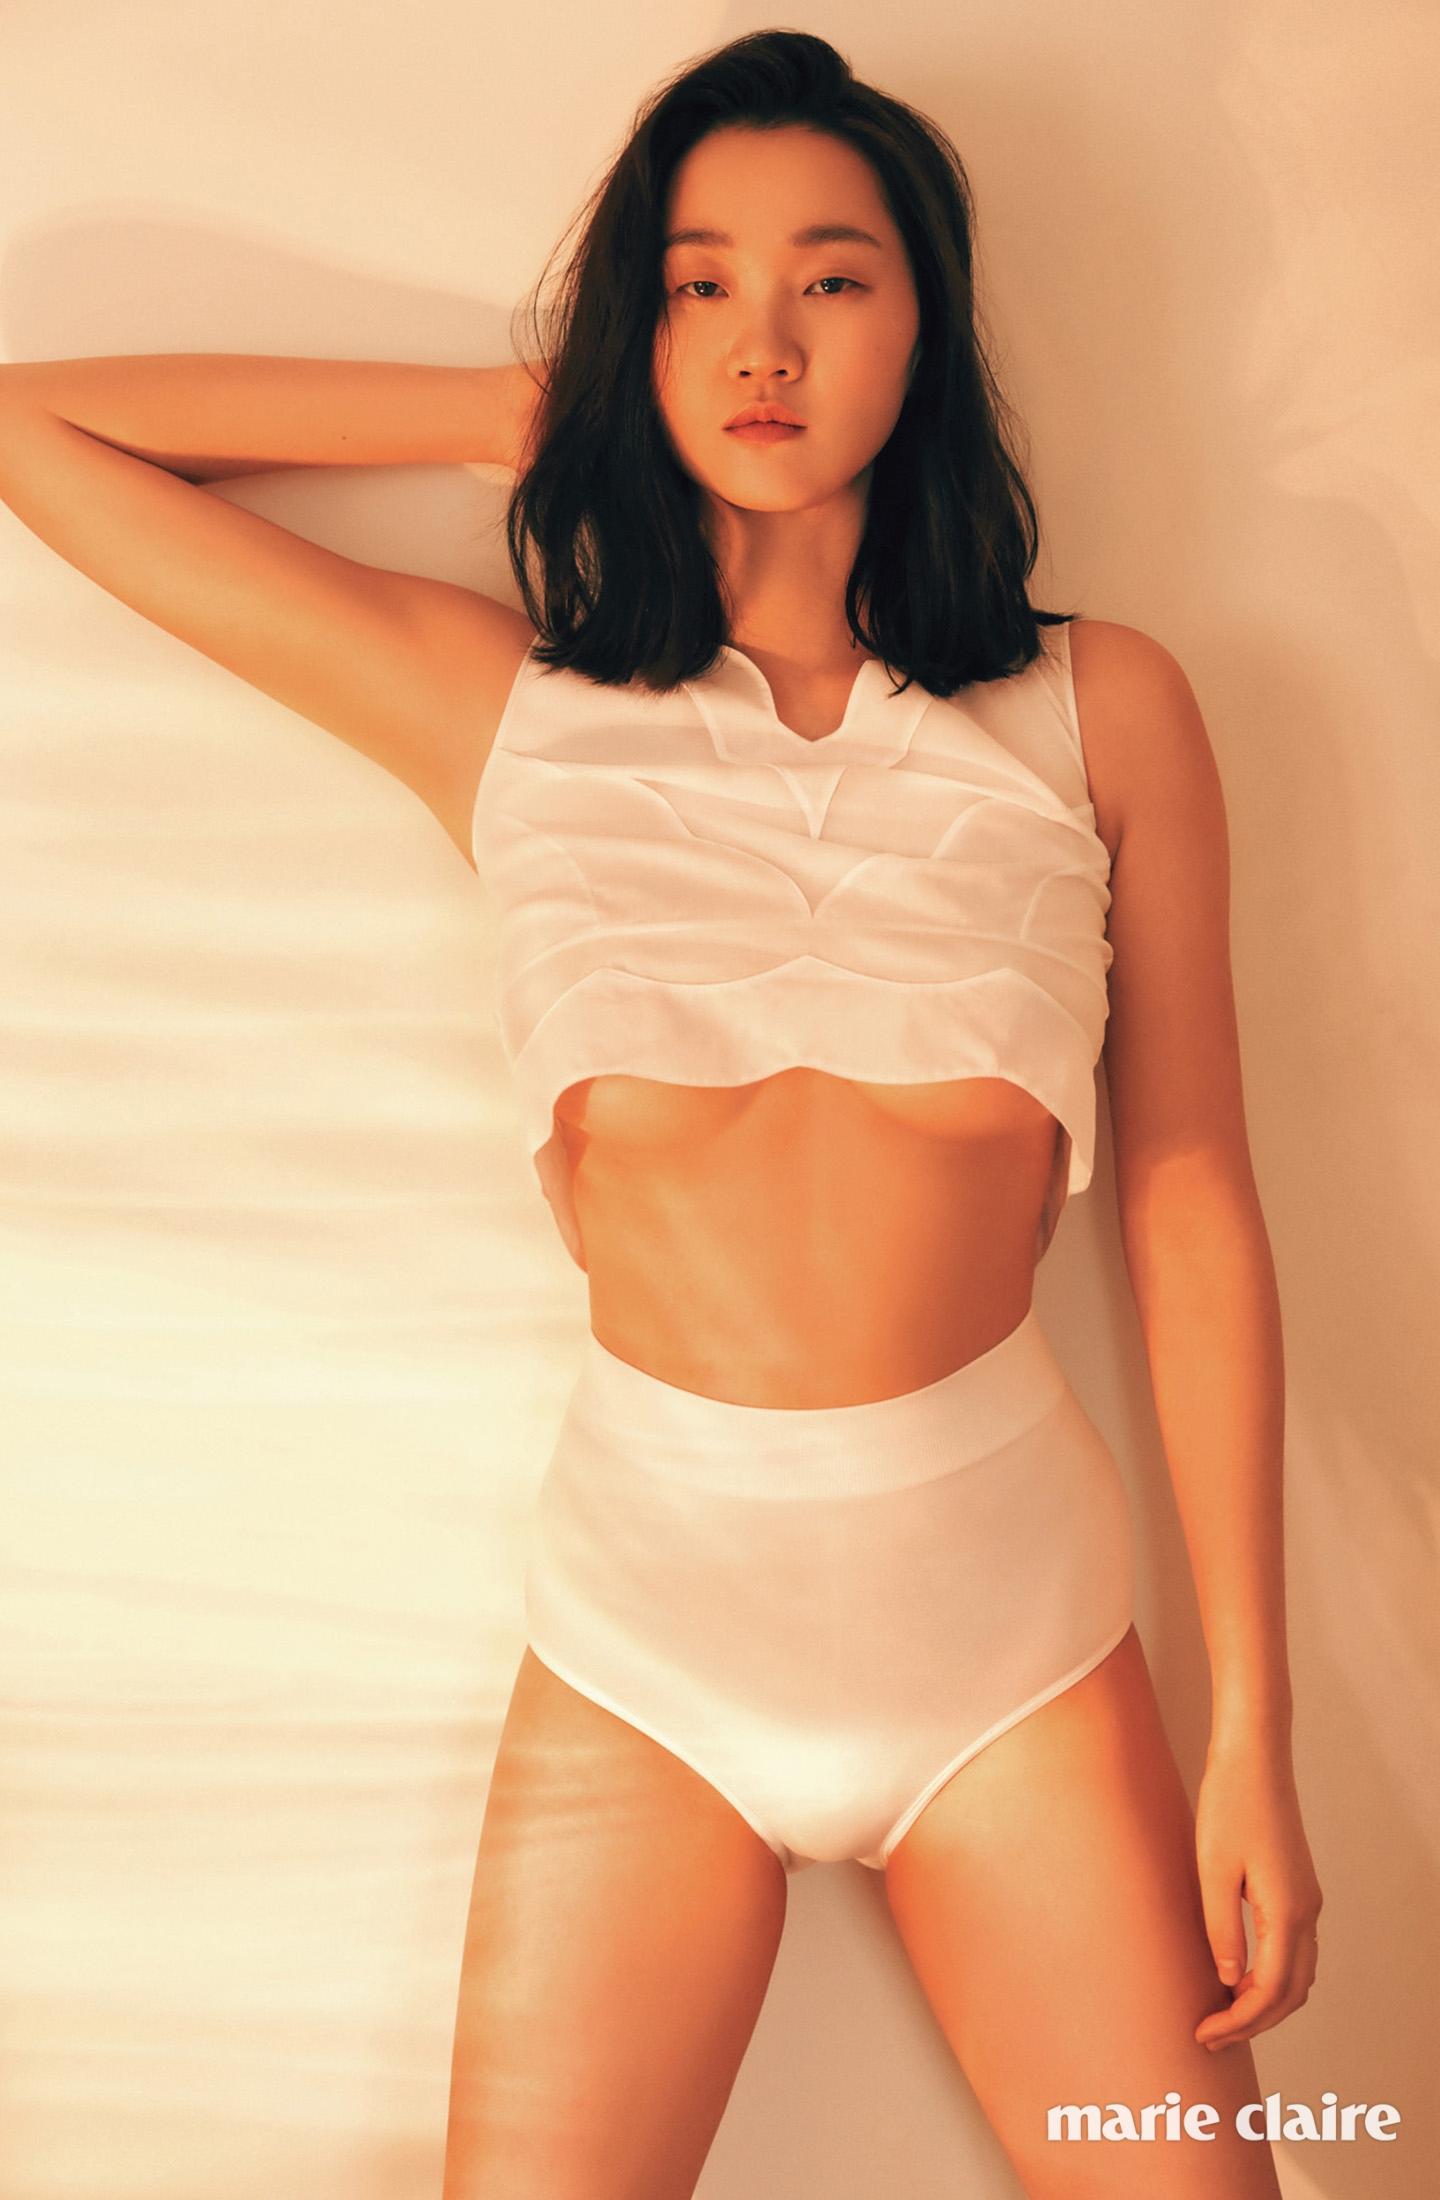 장윤주 화보 - 마리끌레르 2016년, 화이트 시스루 크롭트 톱 가격 미정 디올(Dior), 화이트 하이웨이스트 언더웨어 1만5천원 오이쇼(Oysho).